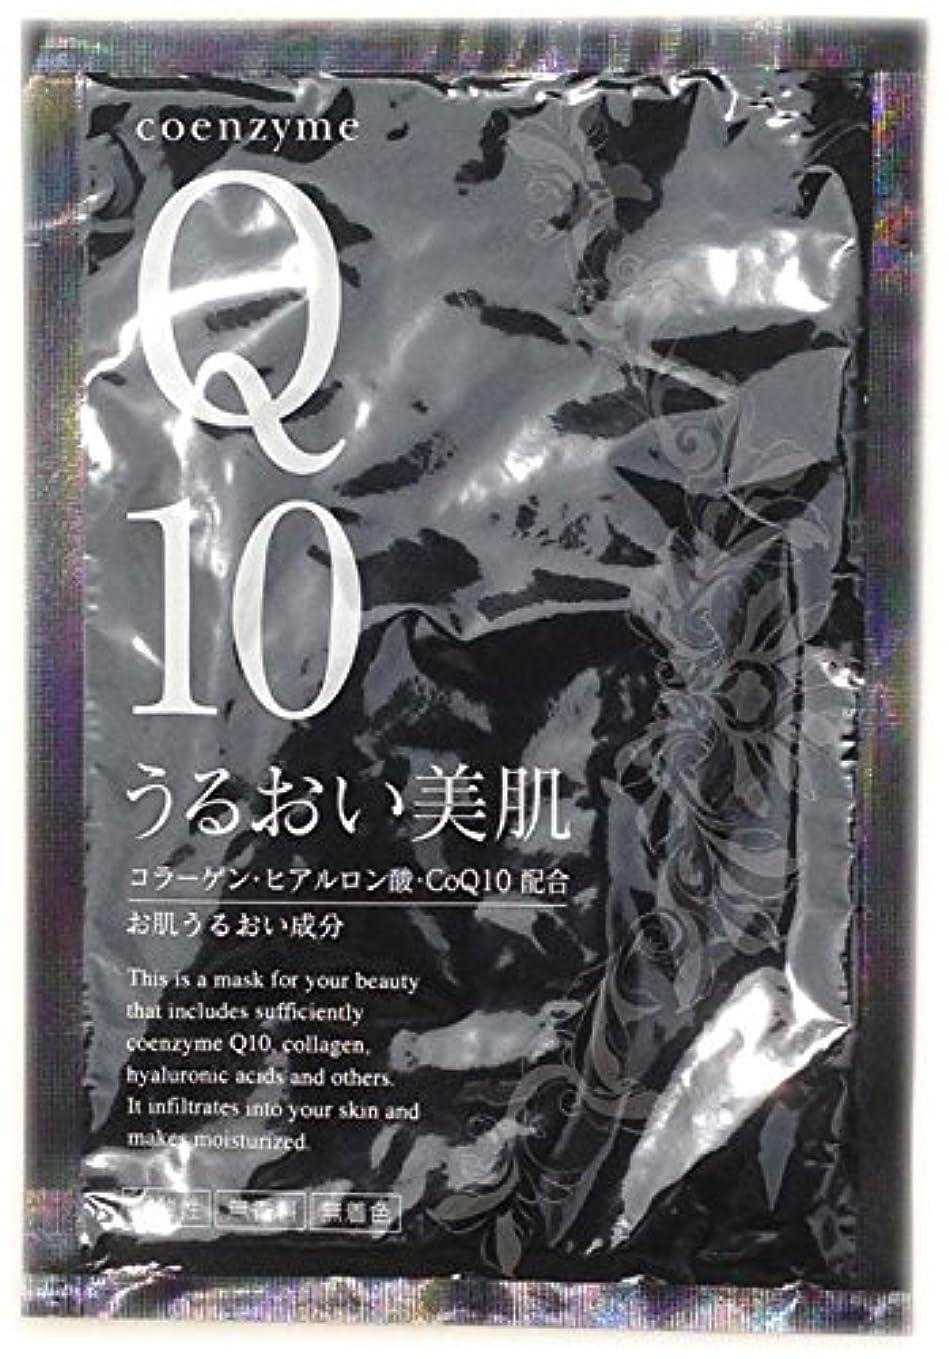 の頭の上違法メロンフェイシャルマスク CoQ10 うるおい美肌